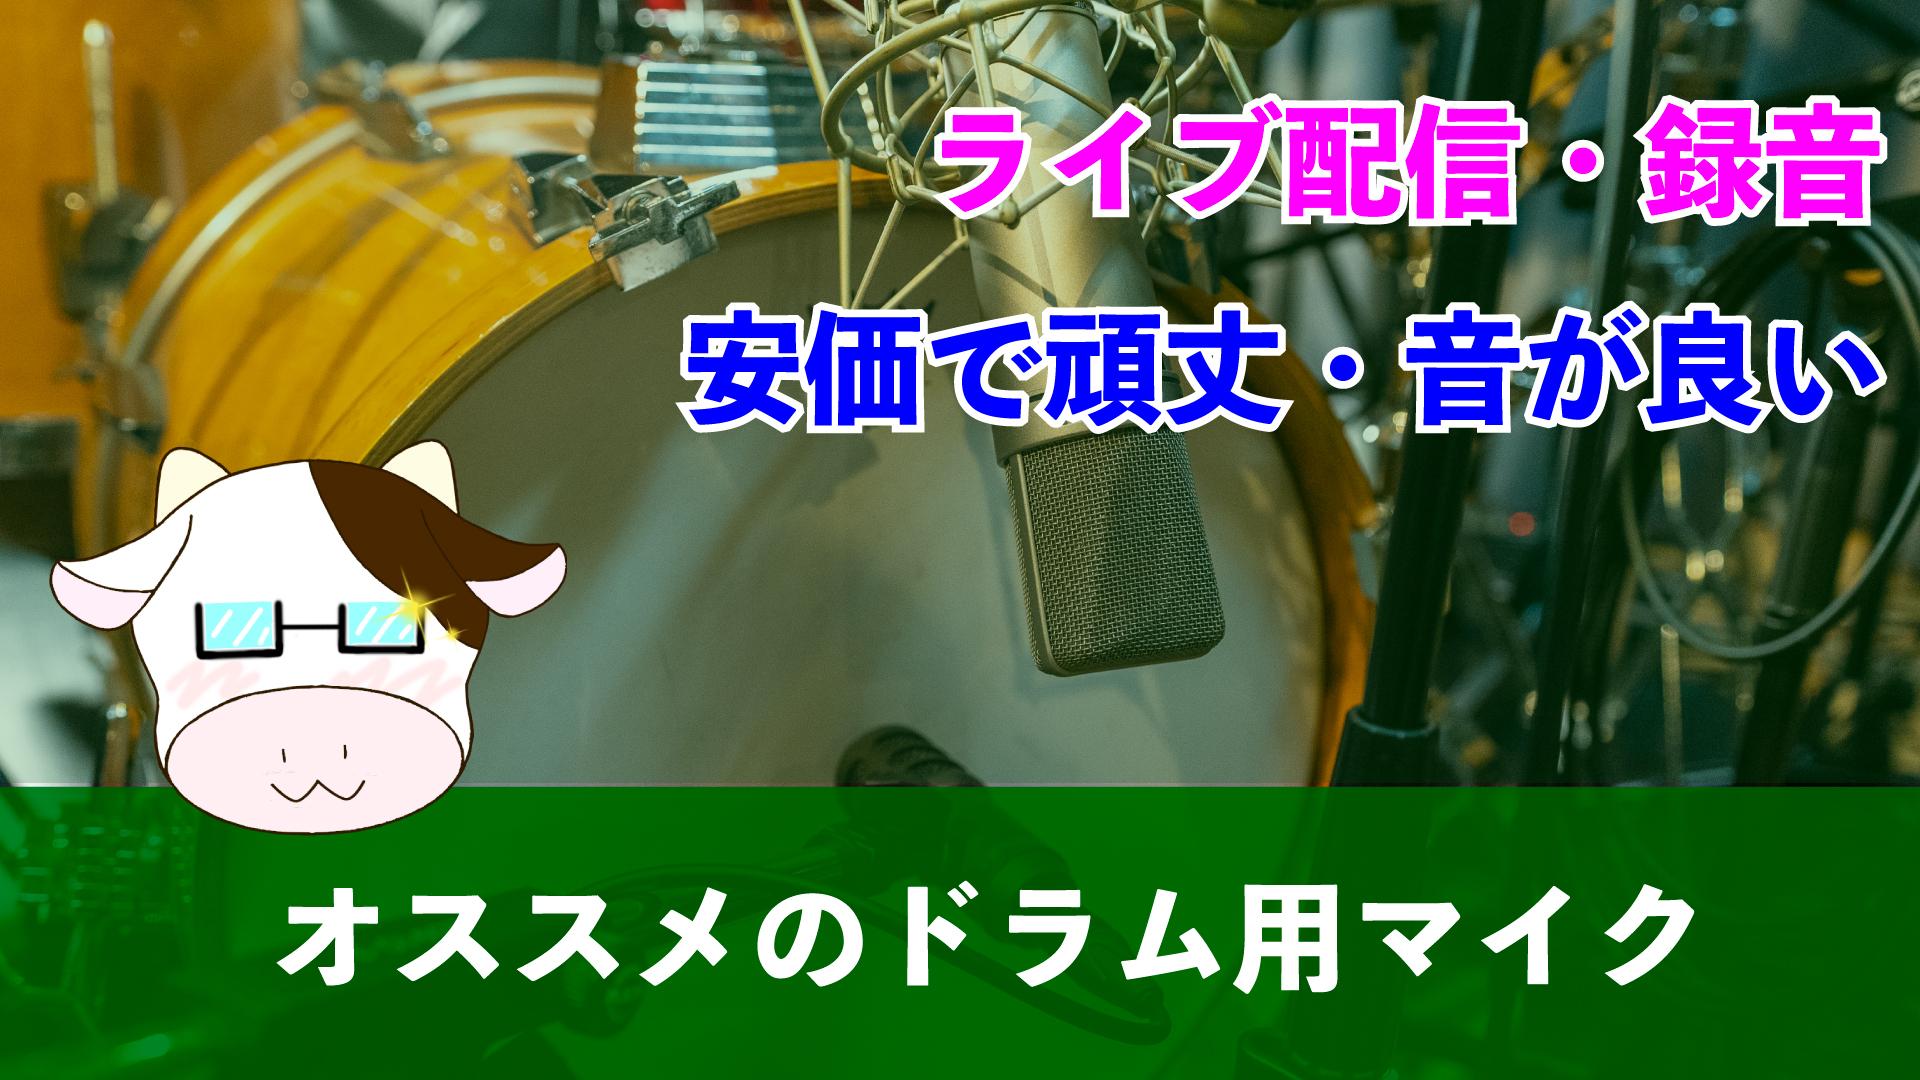 ドラムのオススメマイク_アイキャッチ